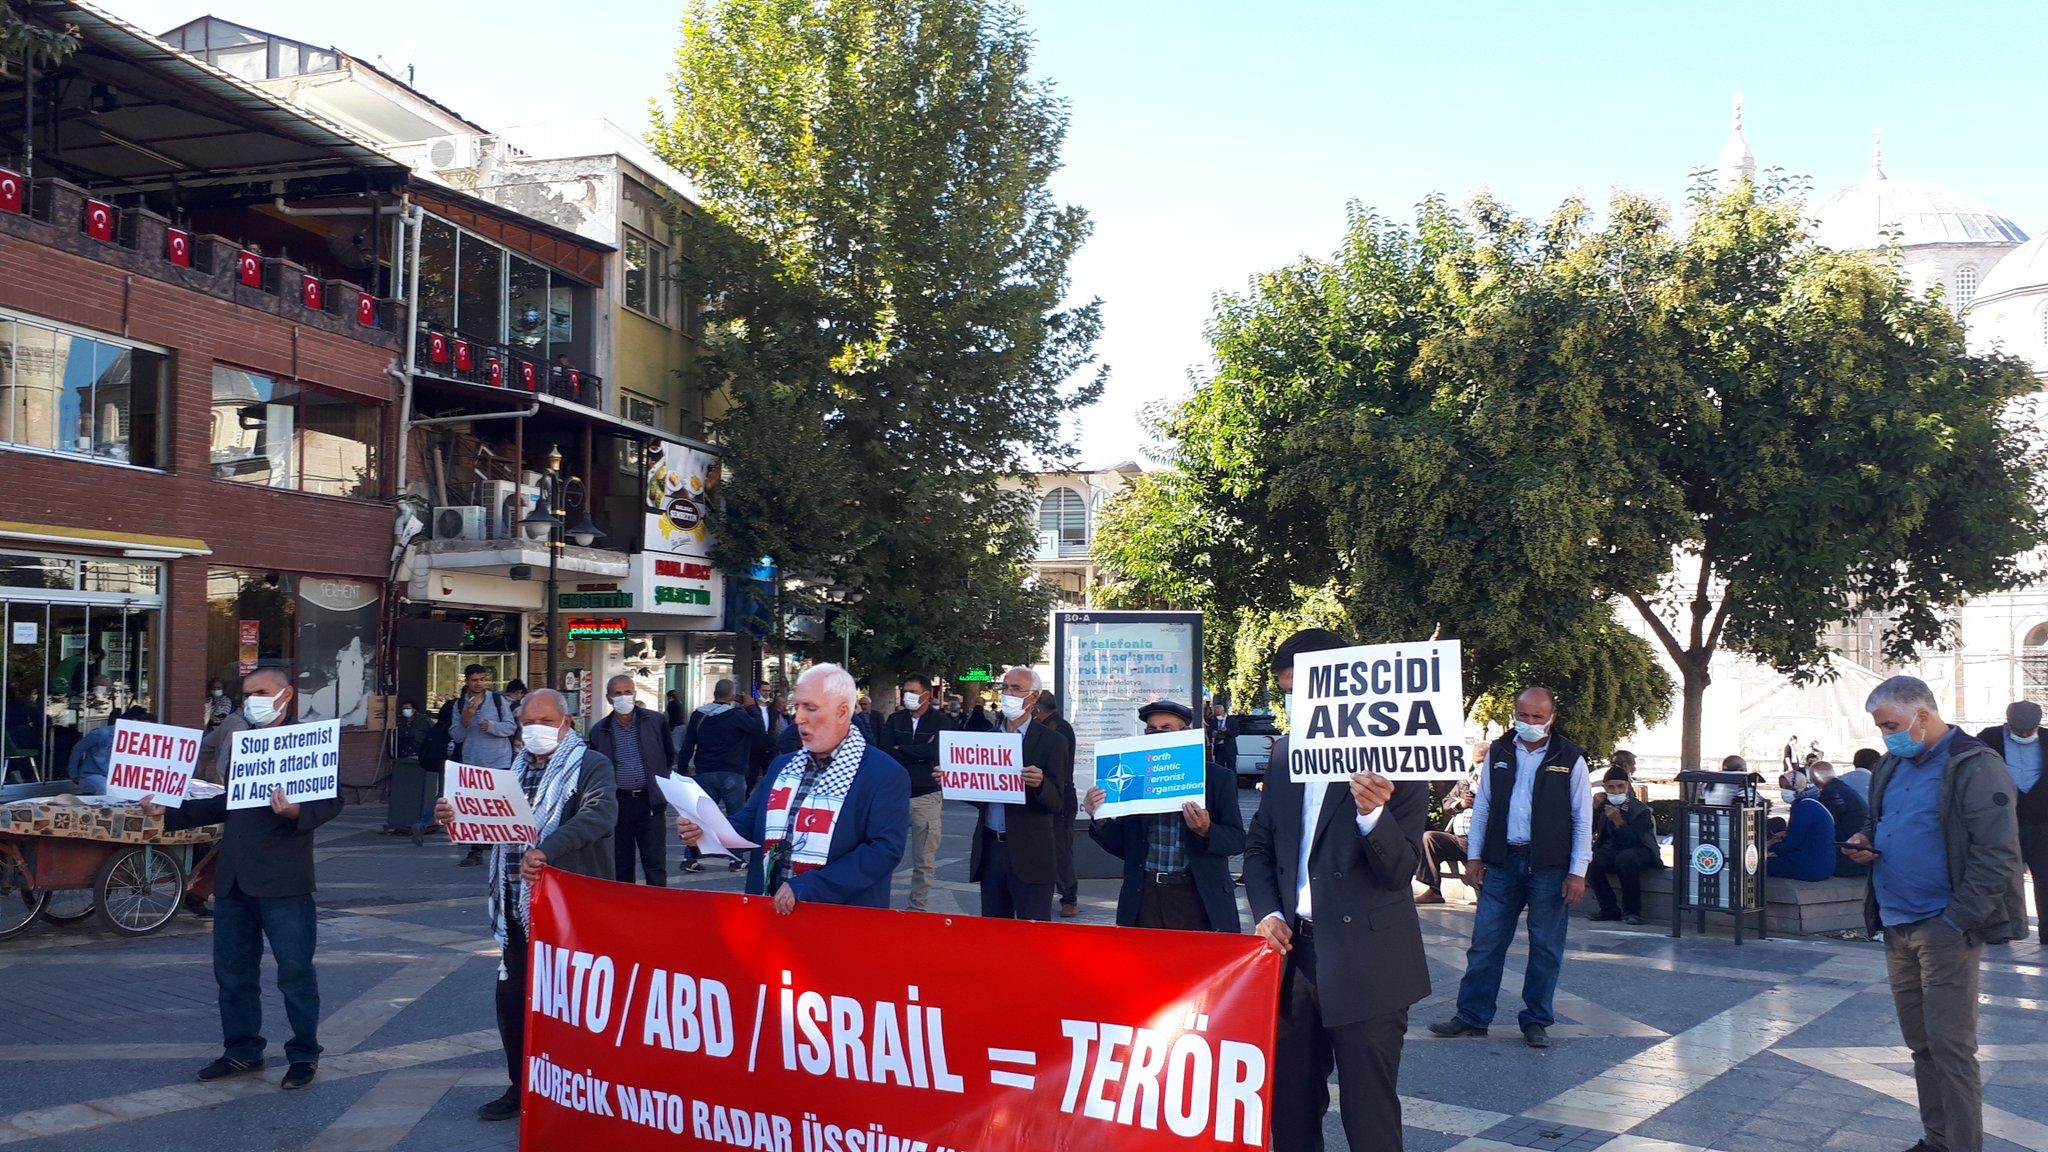 Malatya'da Nato'ya Ve Üslerine Hayır Temalı Basın Açıklaması Düzenlendi/Mescidi Aksa'ya Yönelik Saldırılar Protesto Edildi (Foto/Video)